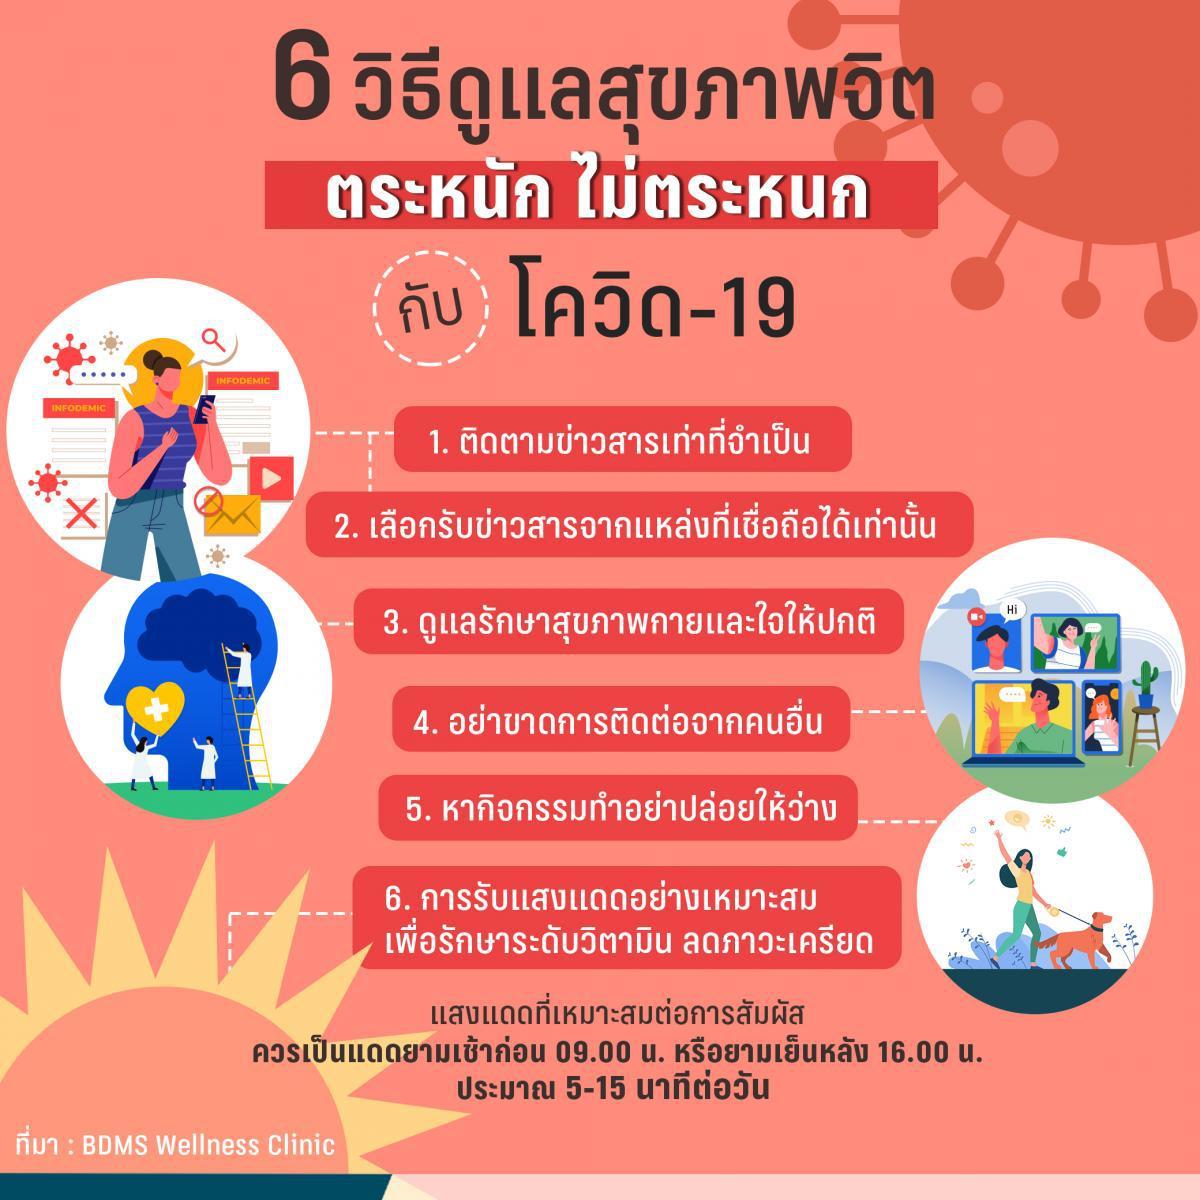 6 วิธีดูแลสุขภาพจิต คลายความวิตกกังวล ช่วงโควิด-19